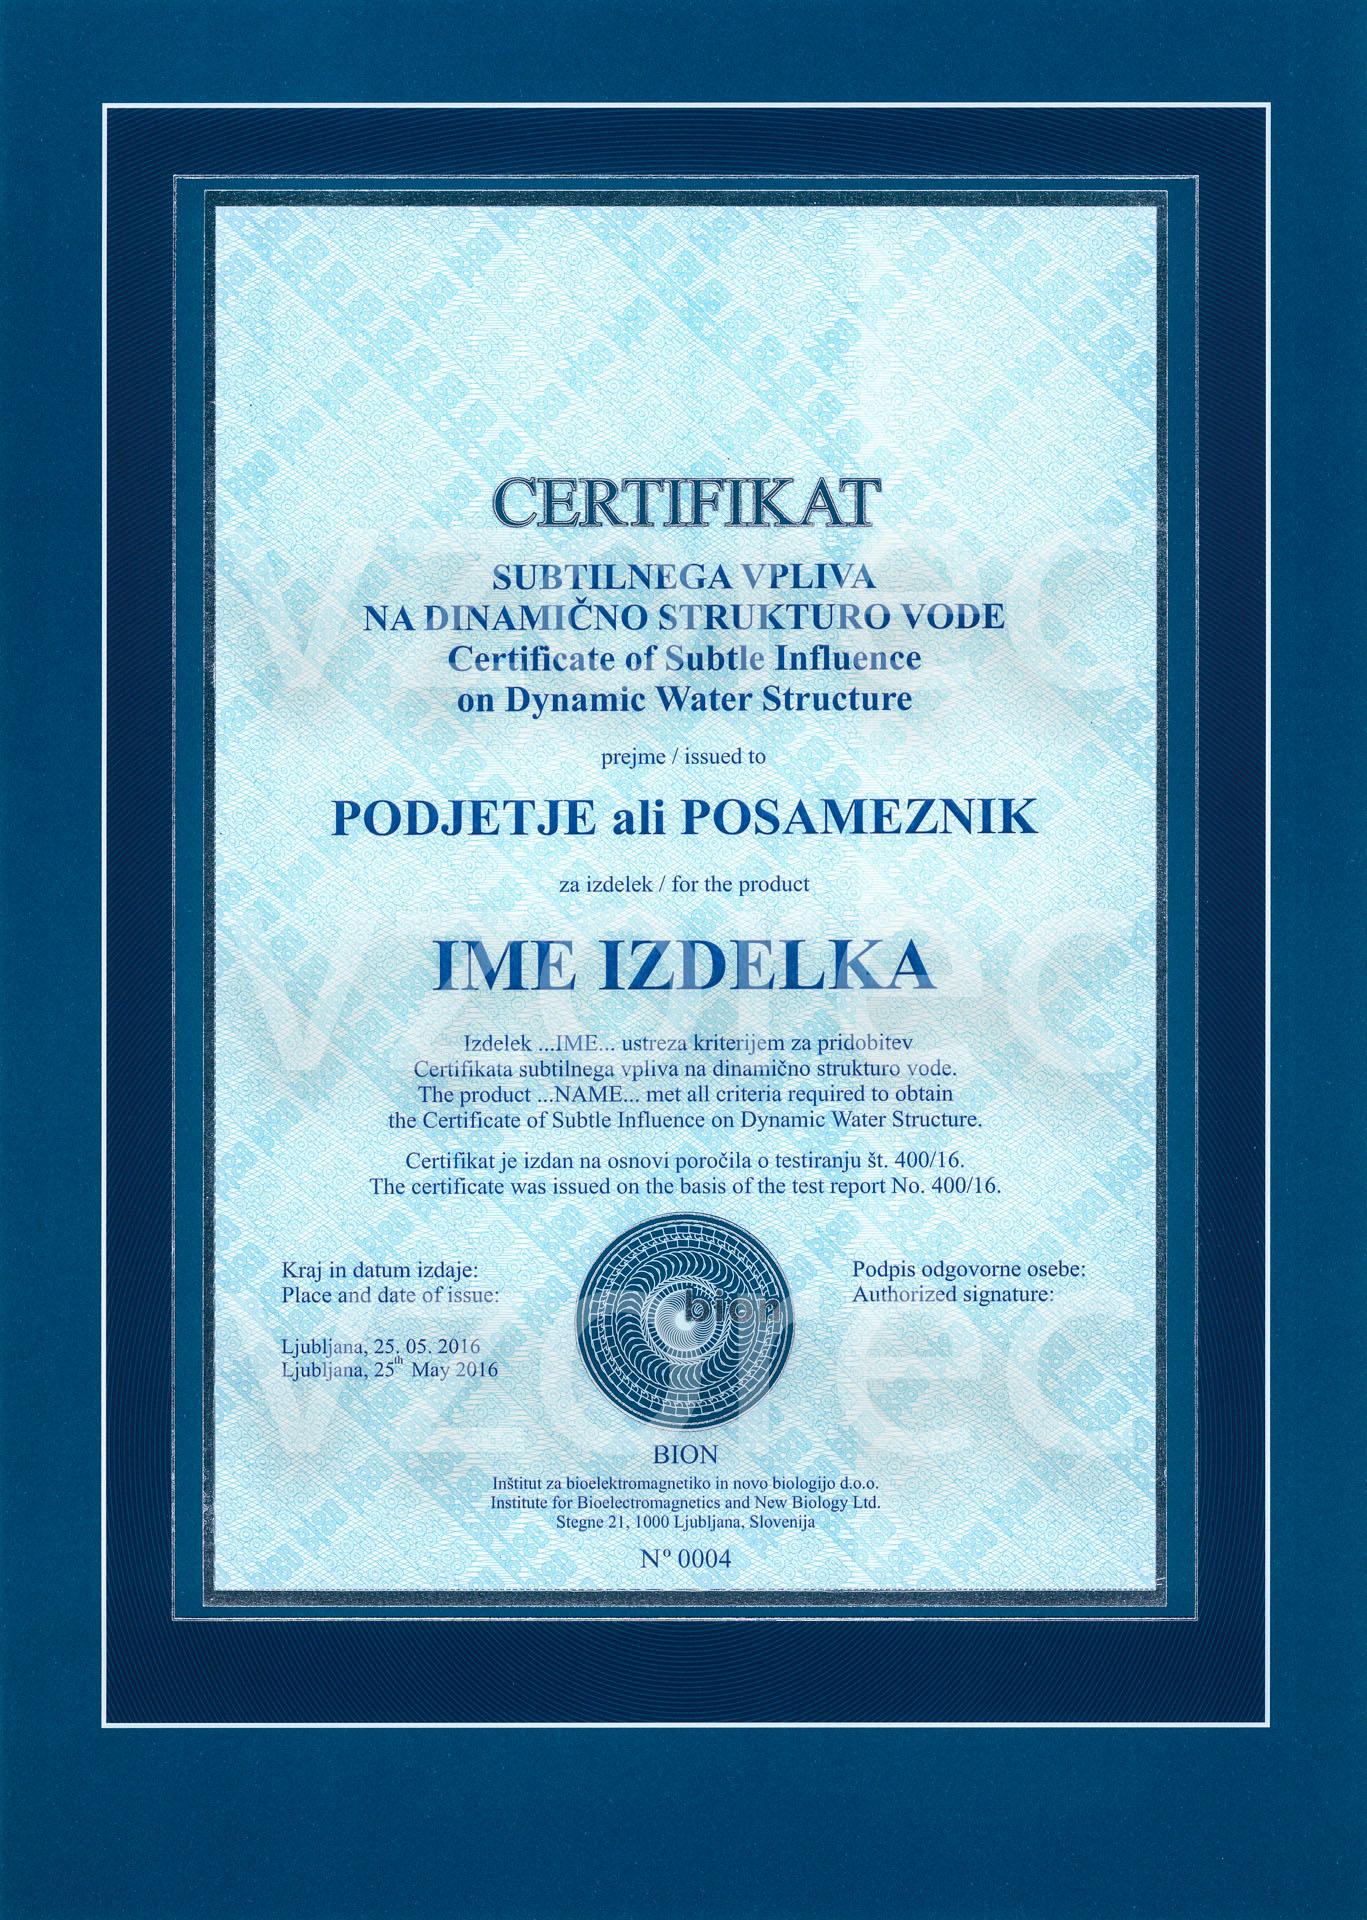 institut_bion_certifikat_vpliva_na_vodo